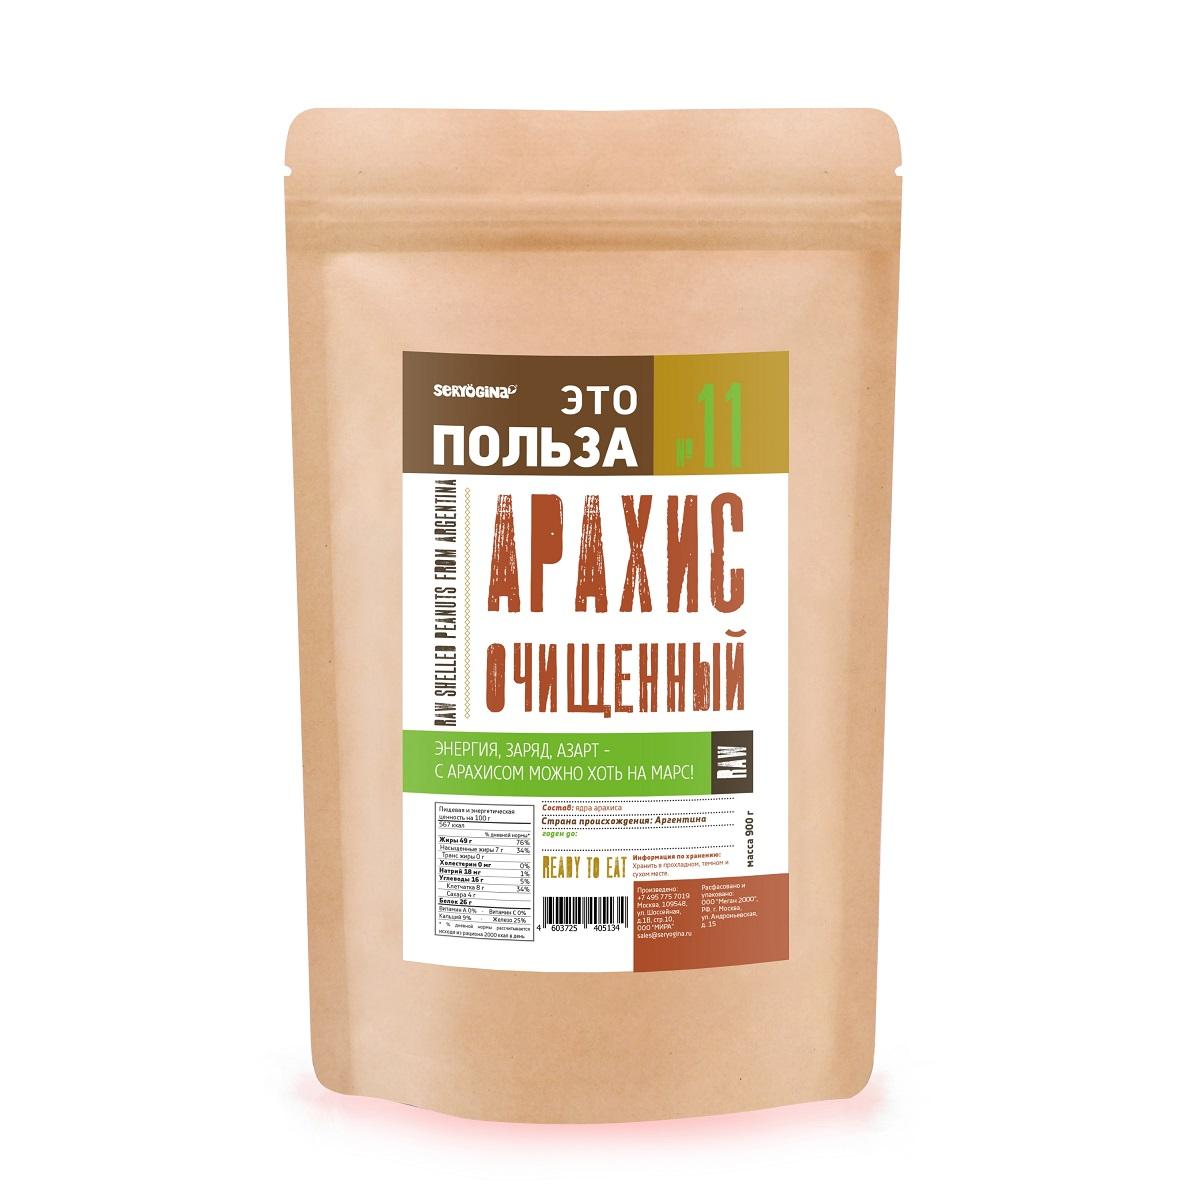 Seryogina арахис нежареный несоленый очищенный, 900 г2534Самый популярный орешек в мире, с anti-age эффектом.